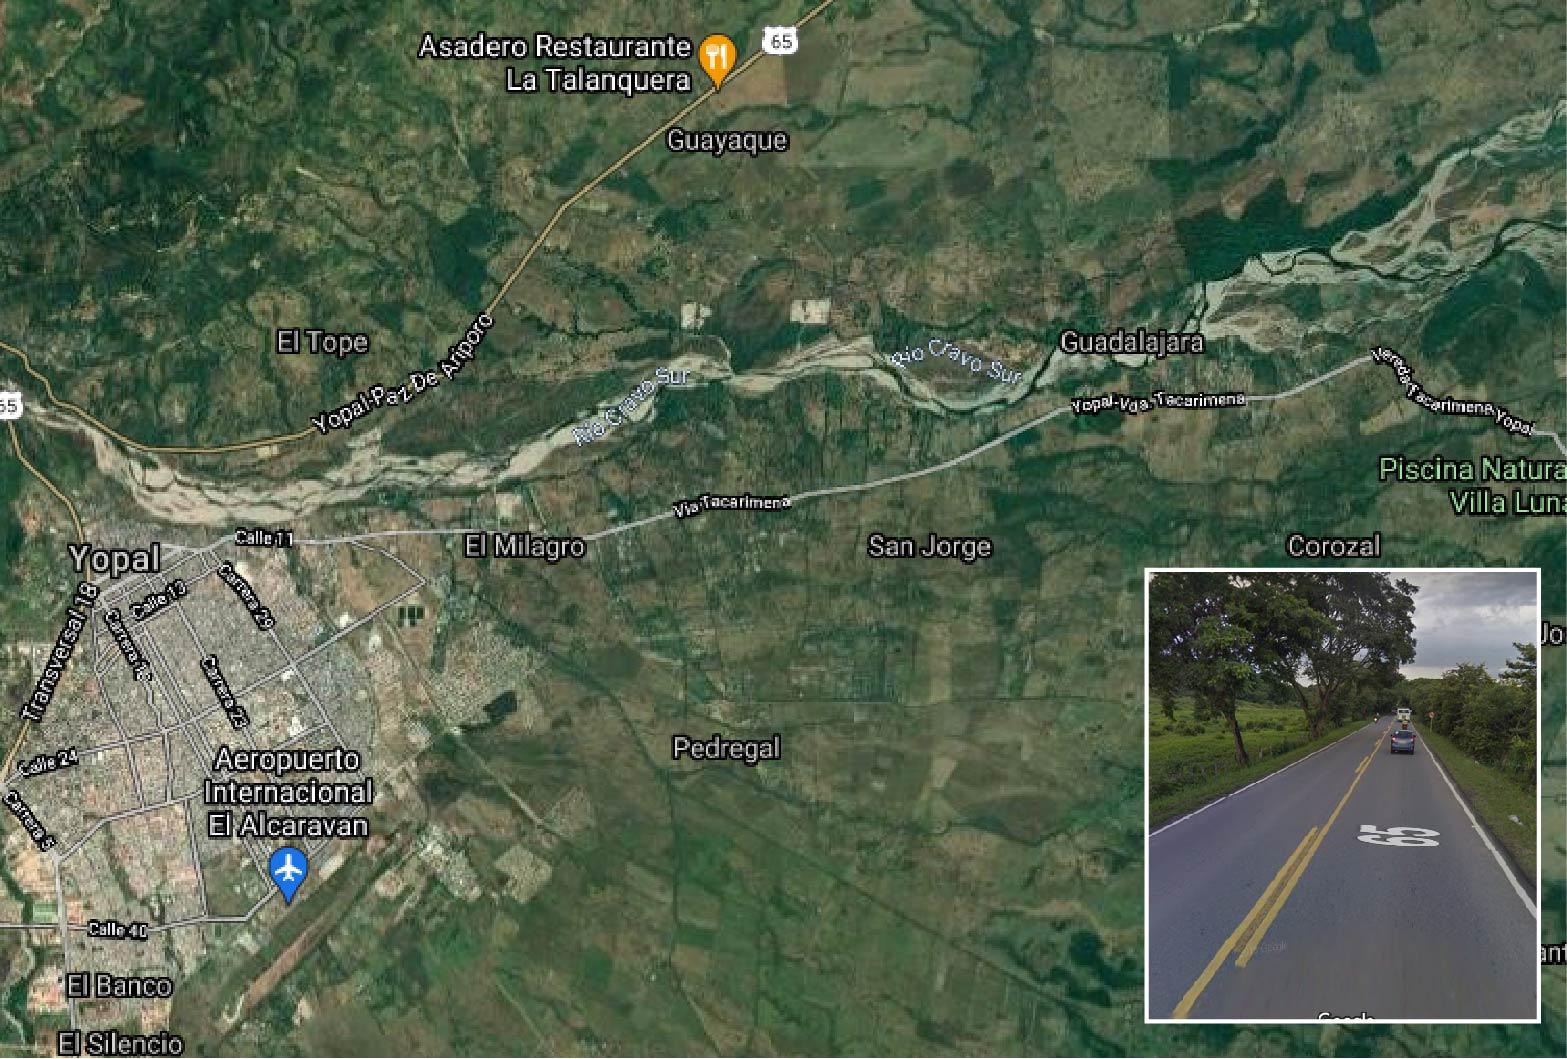 Periodistas reconstruyen el camino de la muerte de Johan Ortega a manos de un policía en Yopal - Noticias de Colombia